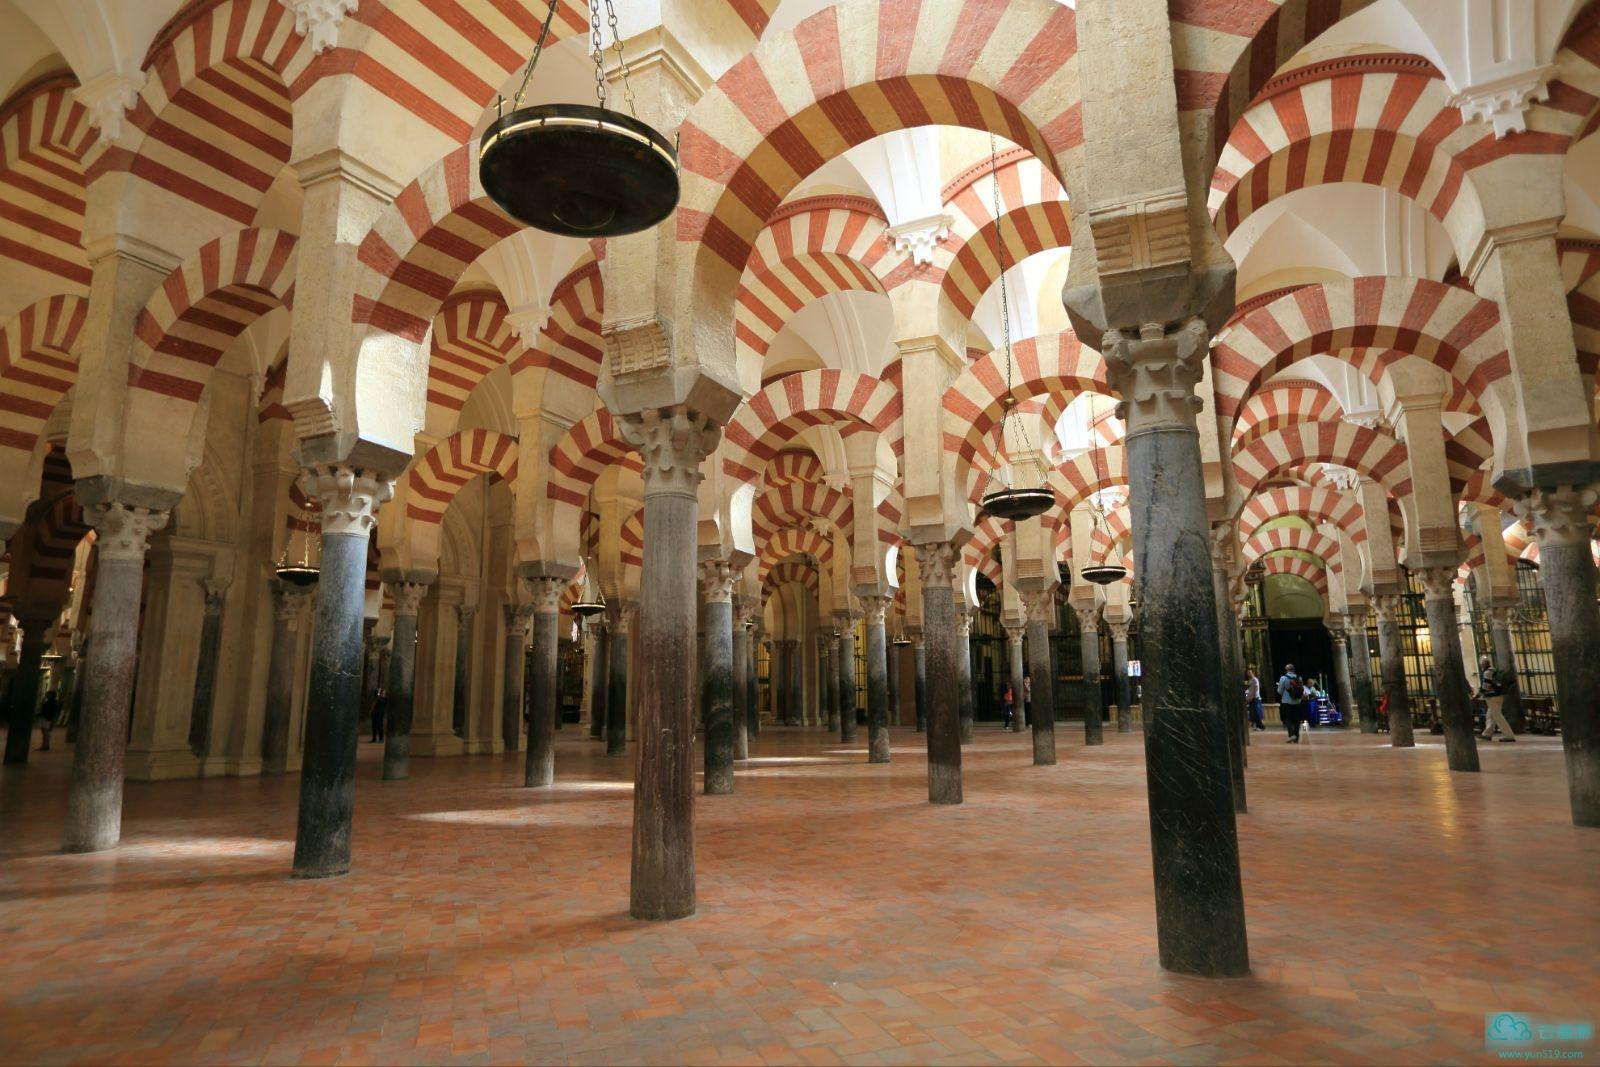 世界旅游胜地推荐:世界2017注册秒送金遗产科尔多瓦大清真寺位于西班牙南部古城科尔多瓦市内, 具有摩尔建筑和西班牙建筑的混合风格。对于西班牙的穆斯林来说,科尔多瓦的大清真寺是仅次于麦加和耶路撒冷的朝圣之地。大清真寺始建于8世纪,穆斯林占领了科尔多瓦,改建了当时西哥特人天主教会,经多次扩建,可容纳2万5千人,建筑风格和特色并没有变,只是建筑面积越来越大,装饰越来越丰富。整个建筑为长方形,长180米,宽130米,共有850根石柱。将正殿分成南北19行,每行各有29个拱门的翼廊,每个拱门又各有上下两层马蹄形的拱券,整座正殿玉柱林立、拱廊纵横,宛如一个石柱的森林。 在基督徒收复失地后,又重新改建了清真寺,于1236年改为天主教大教堂,象征着伊斯兰教的殿堂被封闭,这就是今天看到的这座表里不一的建筑。 公元786年前后,白衣大食王国国王阿卜杜勒·拉赫曼一世欲使科尔多瓦成为与东方匹敌的伟大宗教中心,在罗马和西哥特式教堂的基础上改建了这个清真寺,后来经过拉赫曼二世和哈卡姆二世扩建,到1236年时,该寺院的面积已比初建时扩大了2倍,一次就可容纳2万多信徒从事宗教活动。在哈利发希什姆二世时代,大臣曼苏尔又扩建了斋戒室,到哈里曼三世,建筑工程达到最高峰。